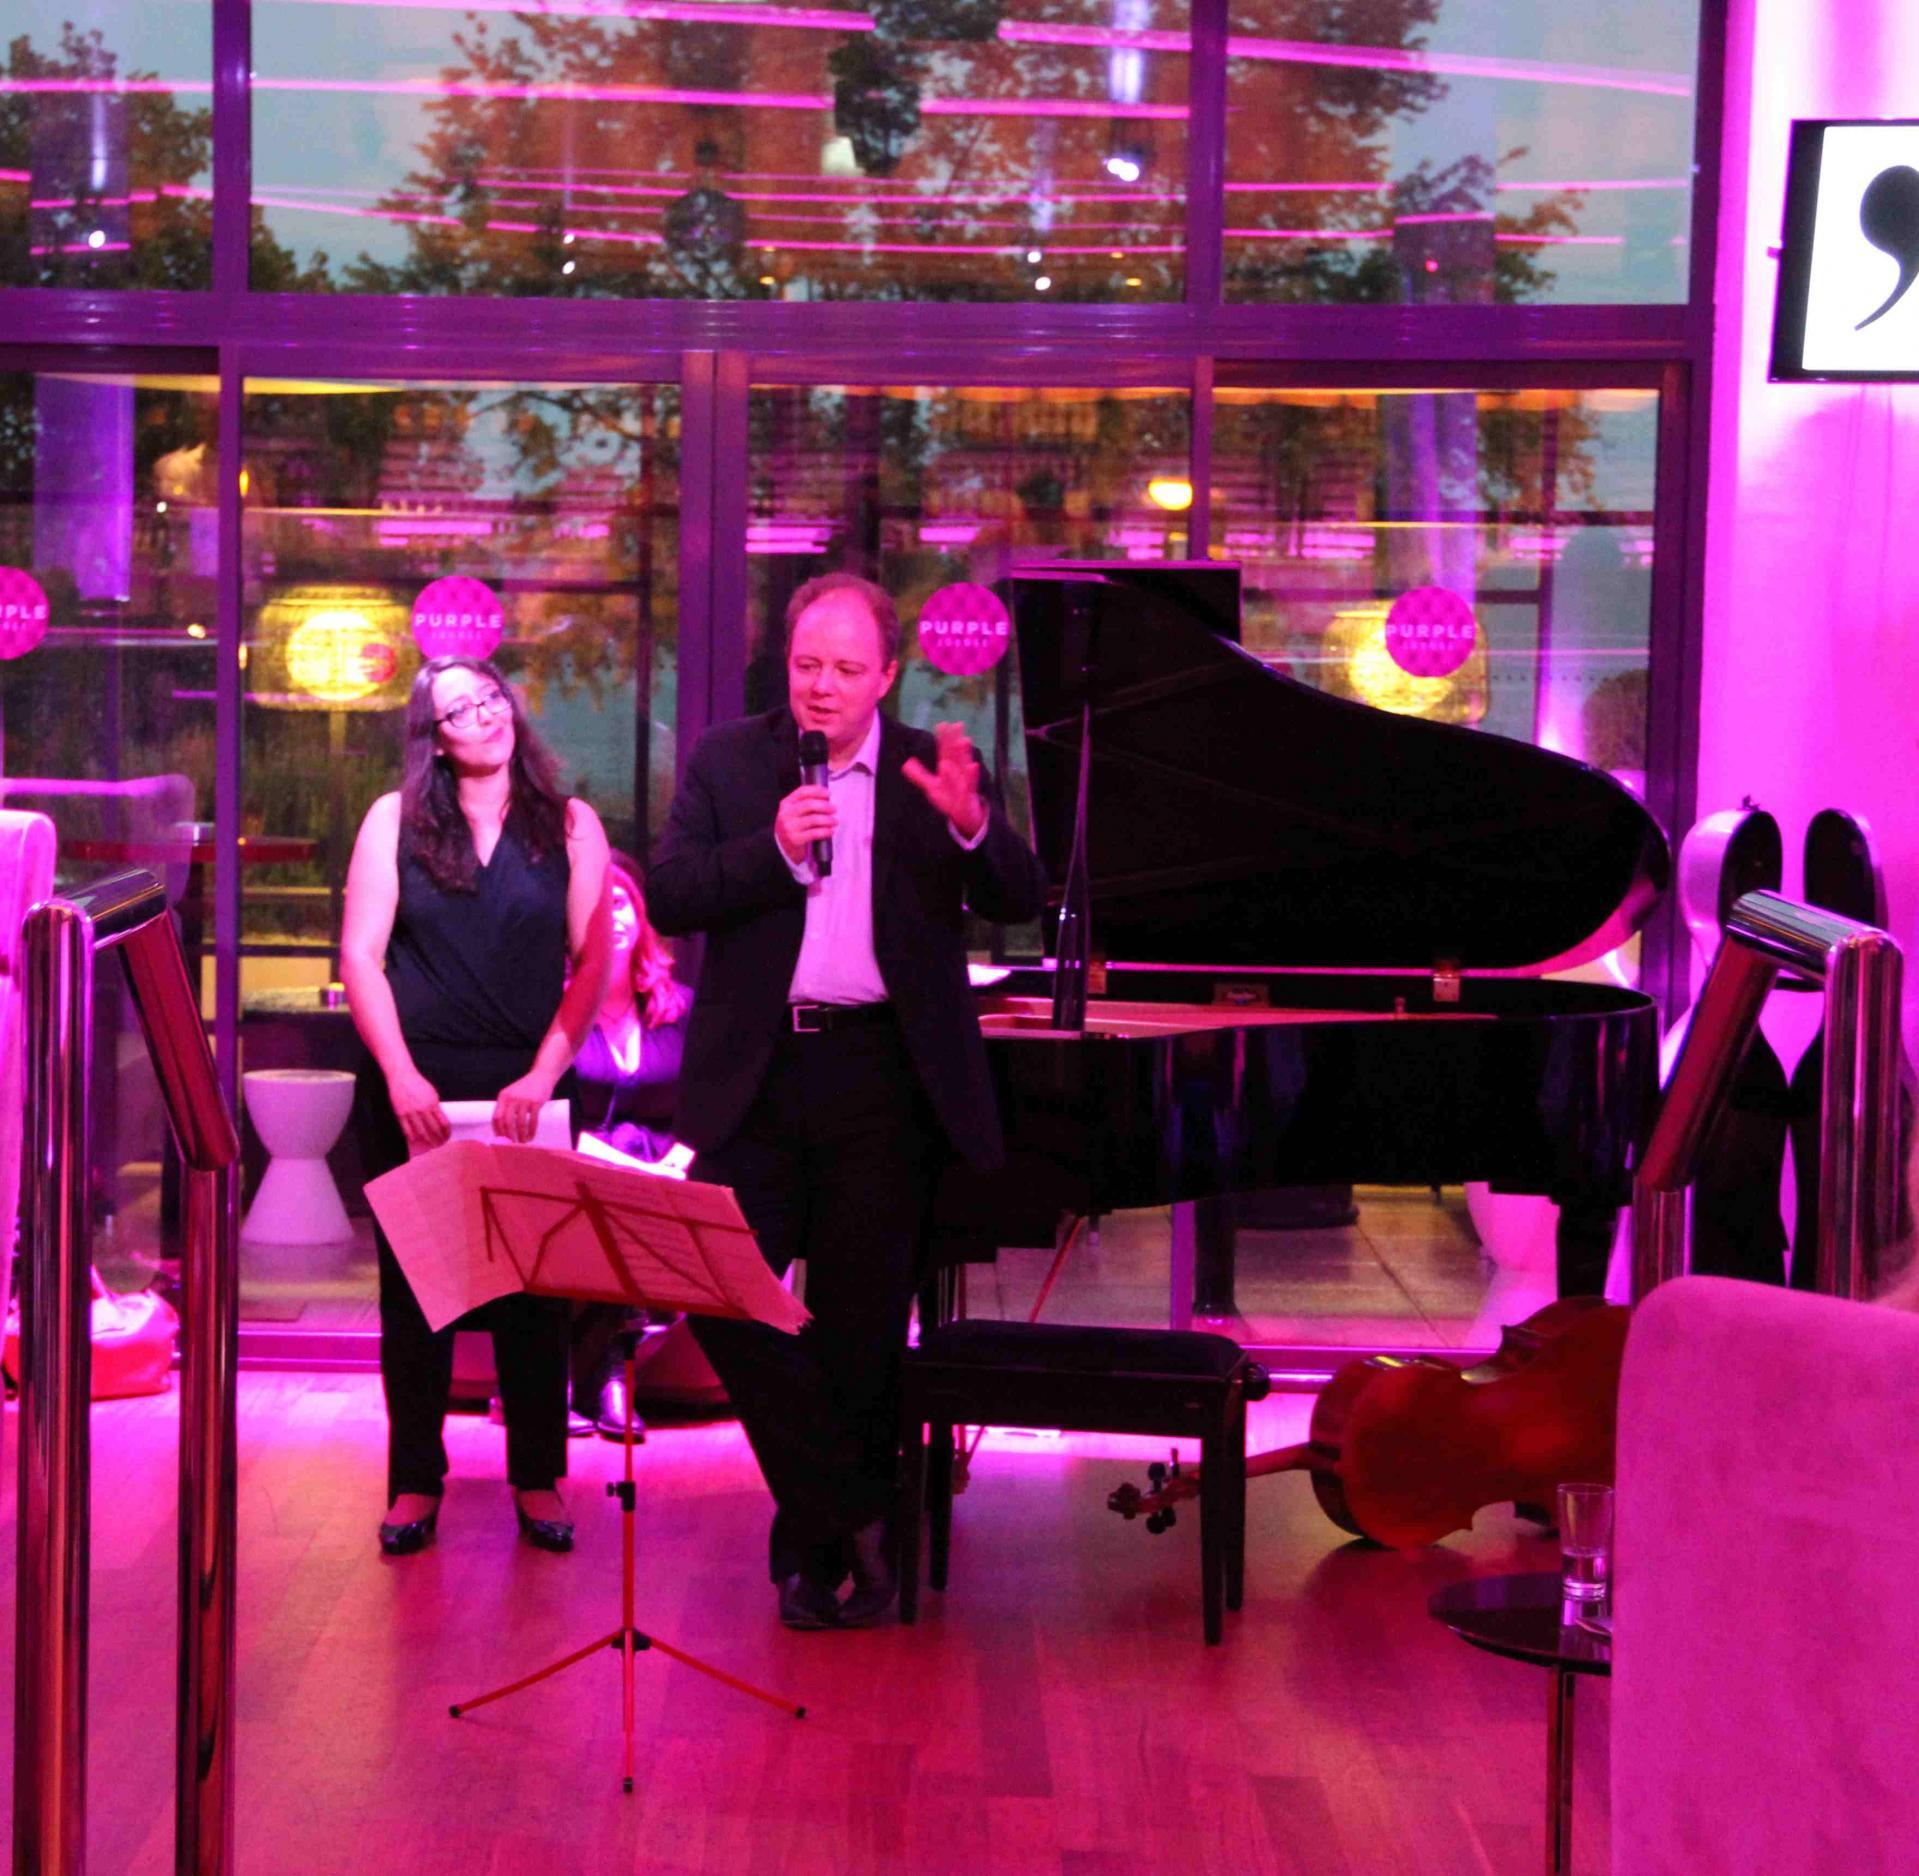 Les Salons d'Emilie, Nicolas Chalvin, Chef d'Orchestre des Pays de Savoie